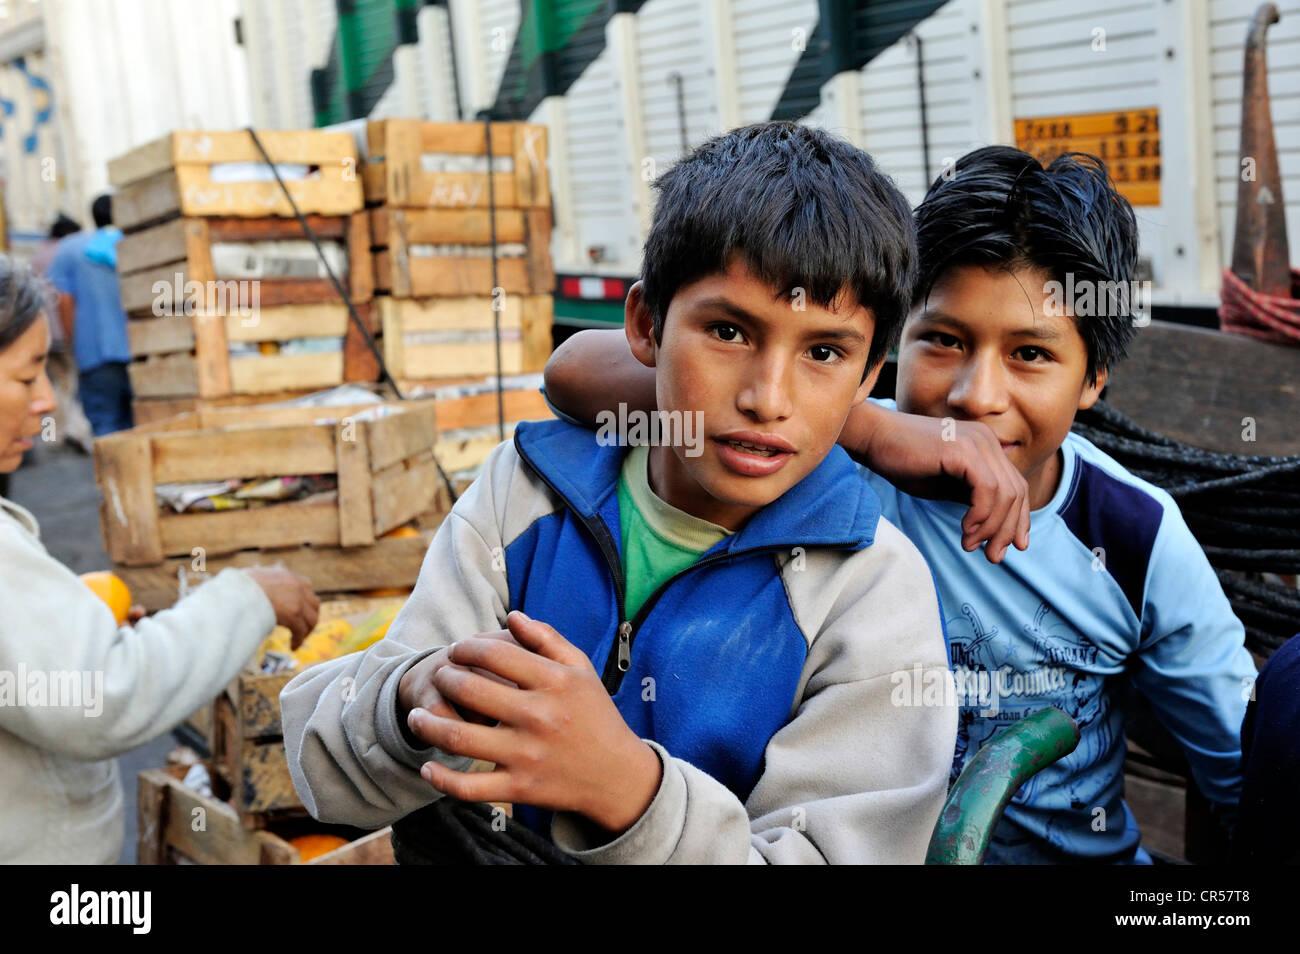 Trabajo infantil, dos chicos de 11 y 12 años, trabajando como operadores en el Mercado de Frutas en el mercado de Foto de stock